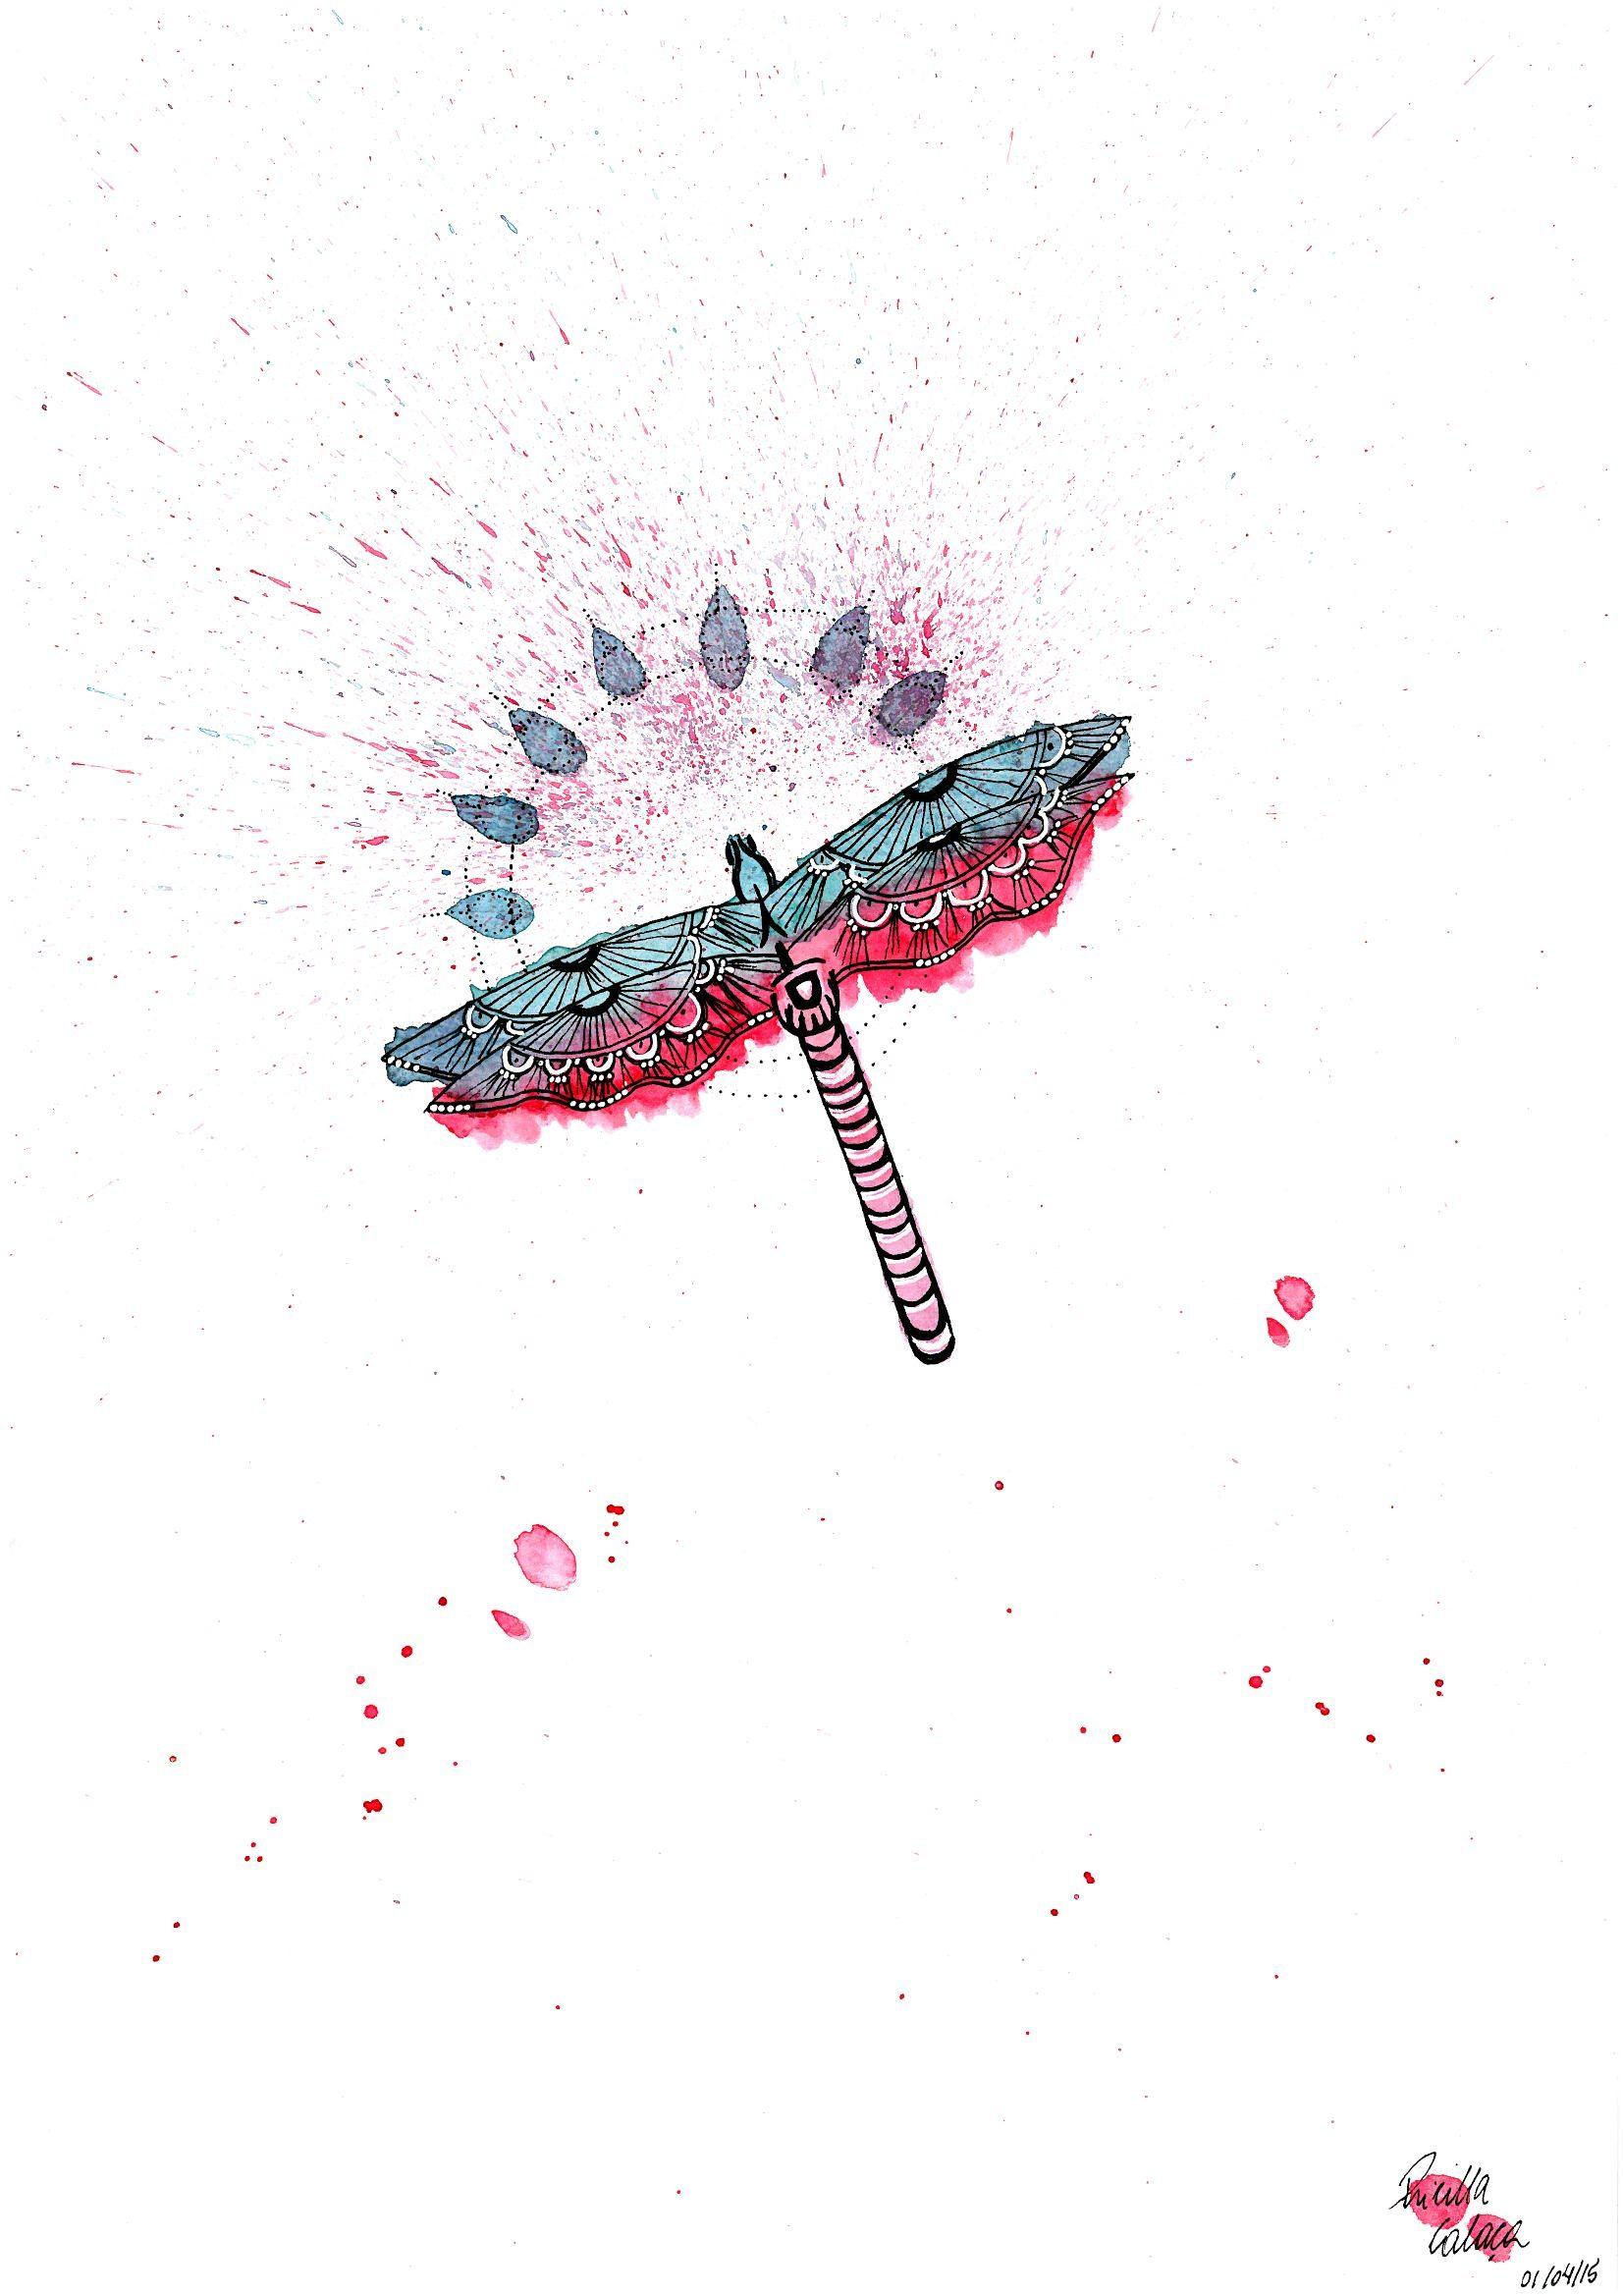 libélula <3 #watercolor #aquarela #aquarelle #libelula